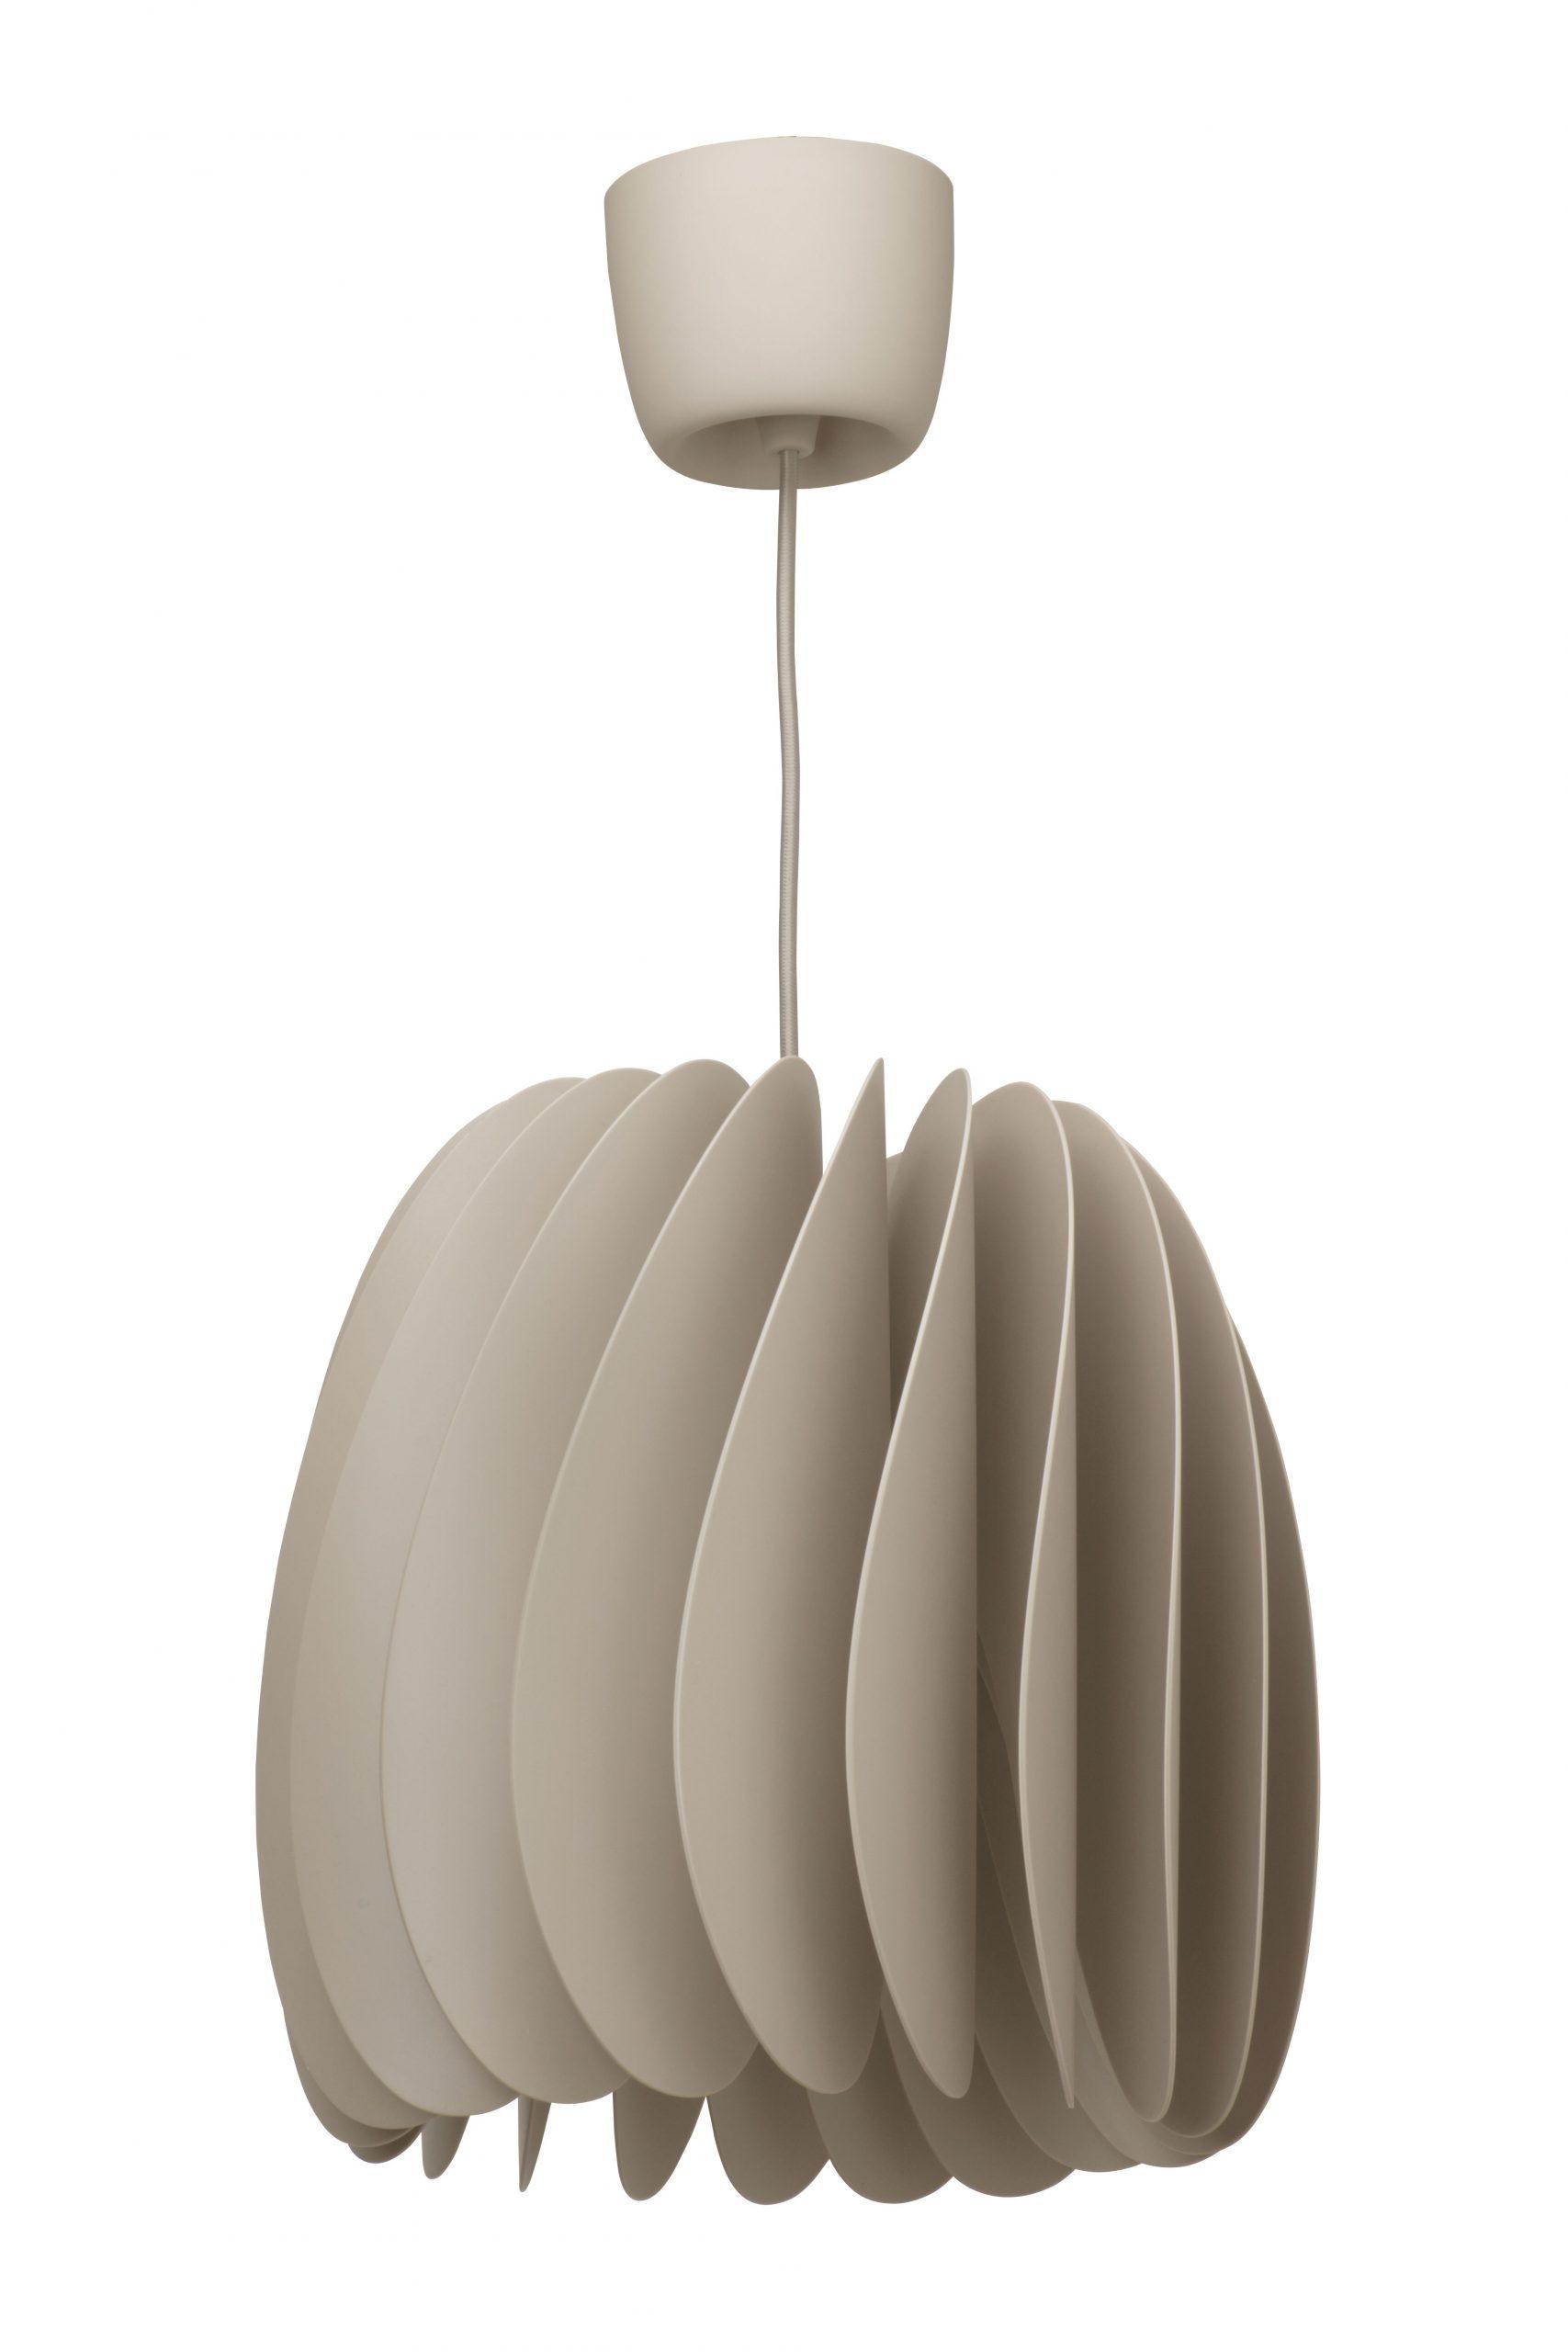 Full Size of Ikea Hängelampe Skymningen Hngeleuchte Beige Deutschland In 2020 Wohnzimmer Betten Bei Sofa Mit Schlaffunktion Modulküche 160x200 Miniküche Küche Kaufen Wohnzimmer Ikea Hängelampe